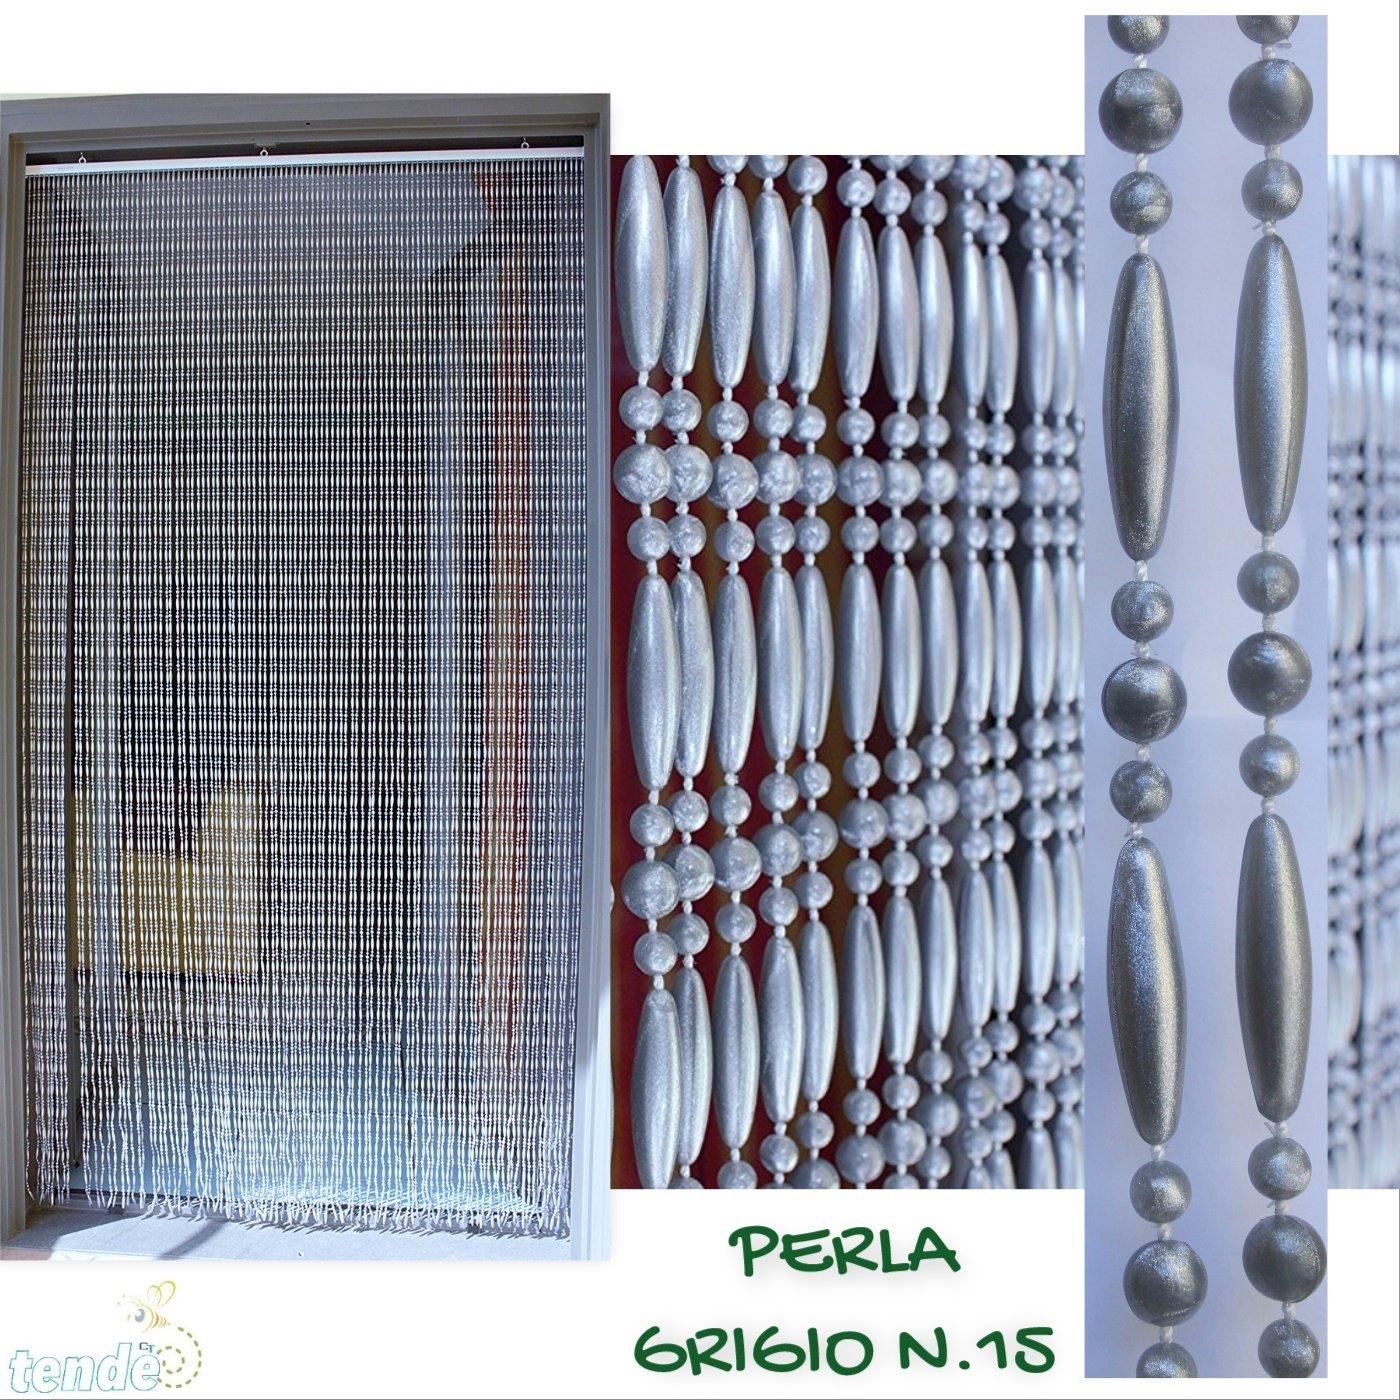 Made in Italy Modello Perla Misure Stardard 8-9 80X200 // 90X200 // 95X200 // 100X220 // 120X230 // 130X240 // 150X250 80X200, AVORIO E MARRONE Moschiera//Tenda in PVC